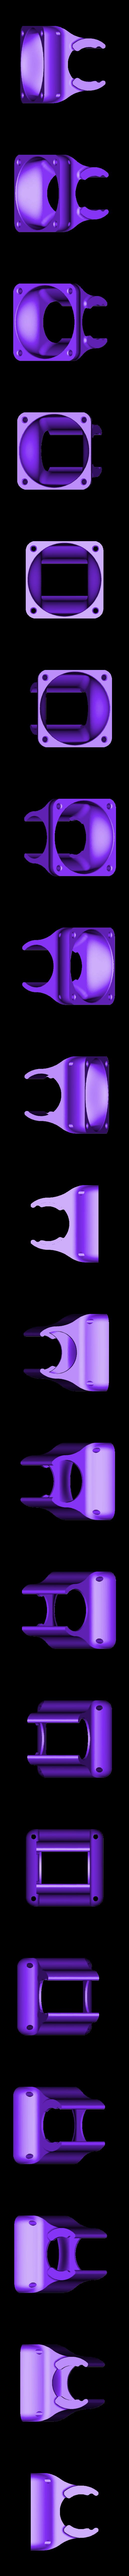 Fan_del_disipador_va_suelto_por_arriba_-_no_se_aprieta_ni_se_acopla.stl Télécharger fichier STL gratuit Mise à jour pour MK8 avec clone e3D - Version 2 • Plan pour impression 3D, estebanmeurat